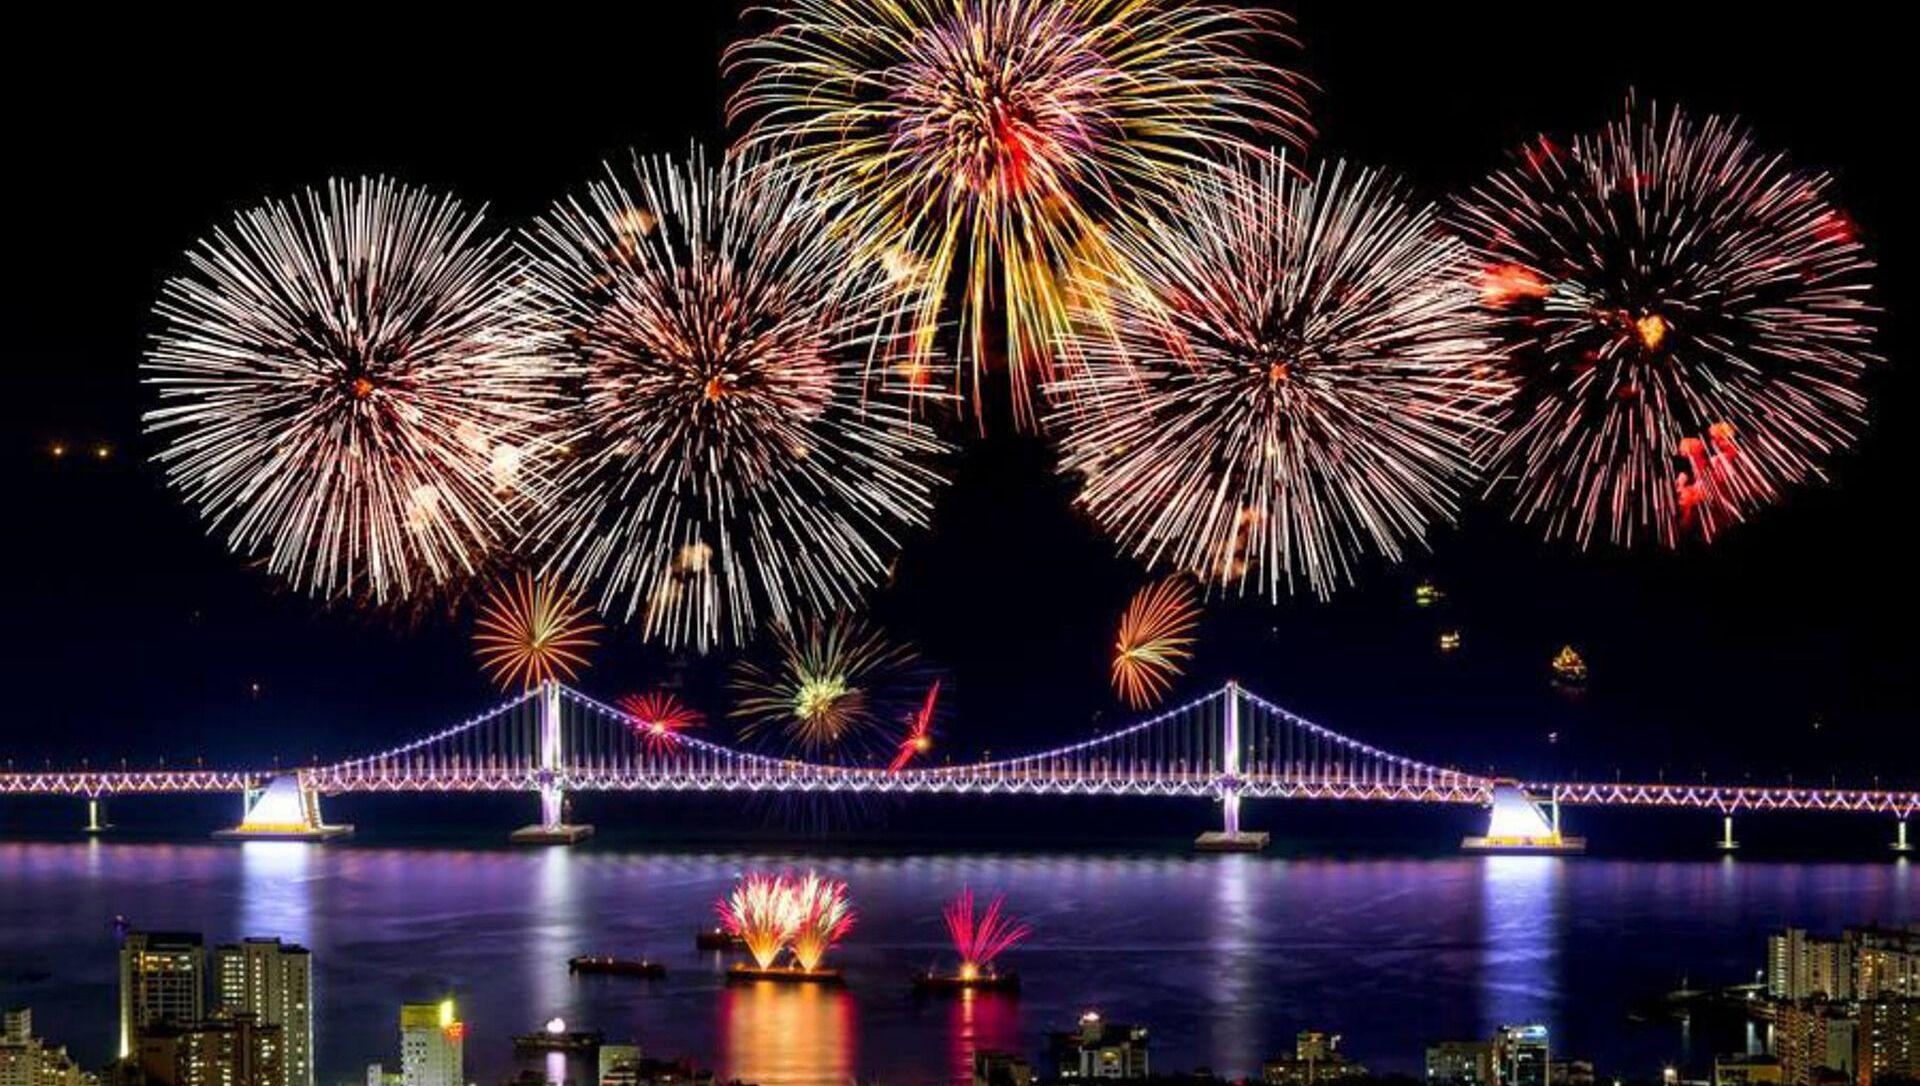 Fuochi d'artificio nella Corea del Sud - Sputnik Italia, 1920, 12.02.2021